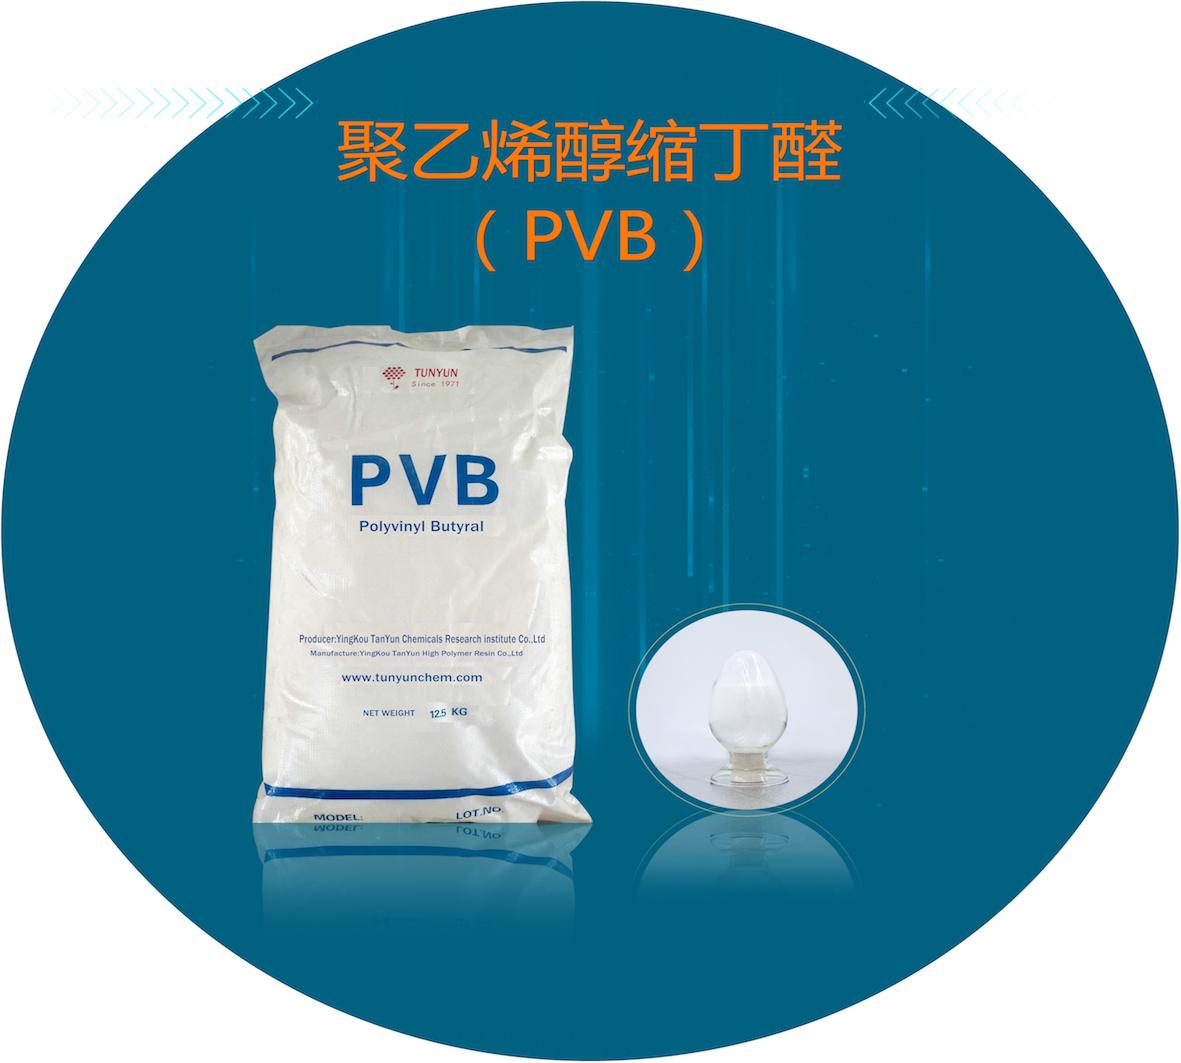 PVB resins / cas :63148-65-2